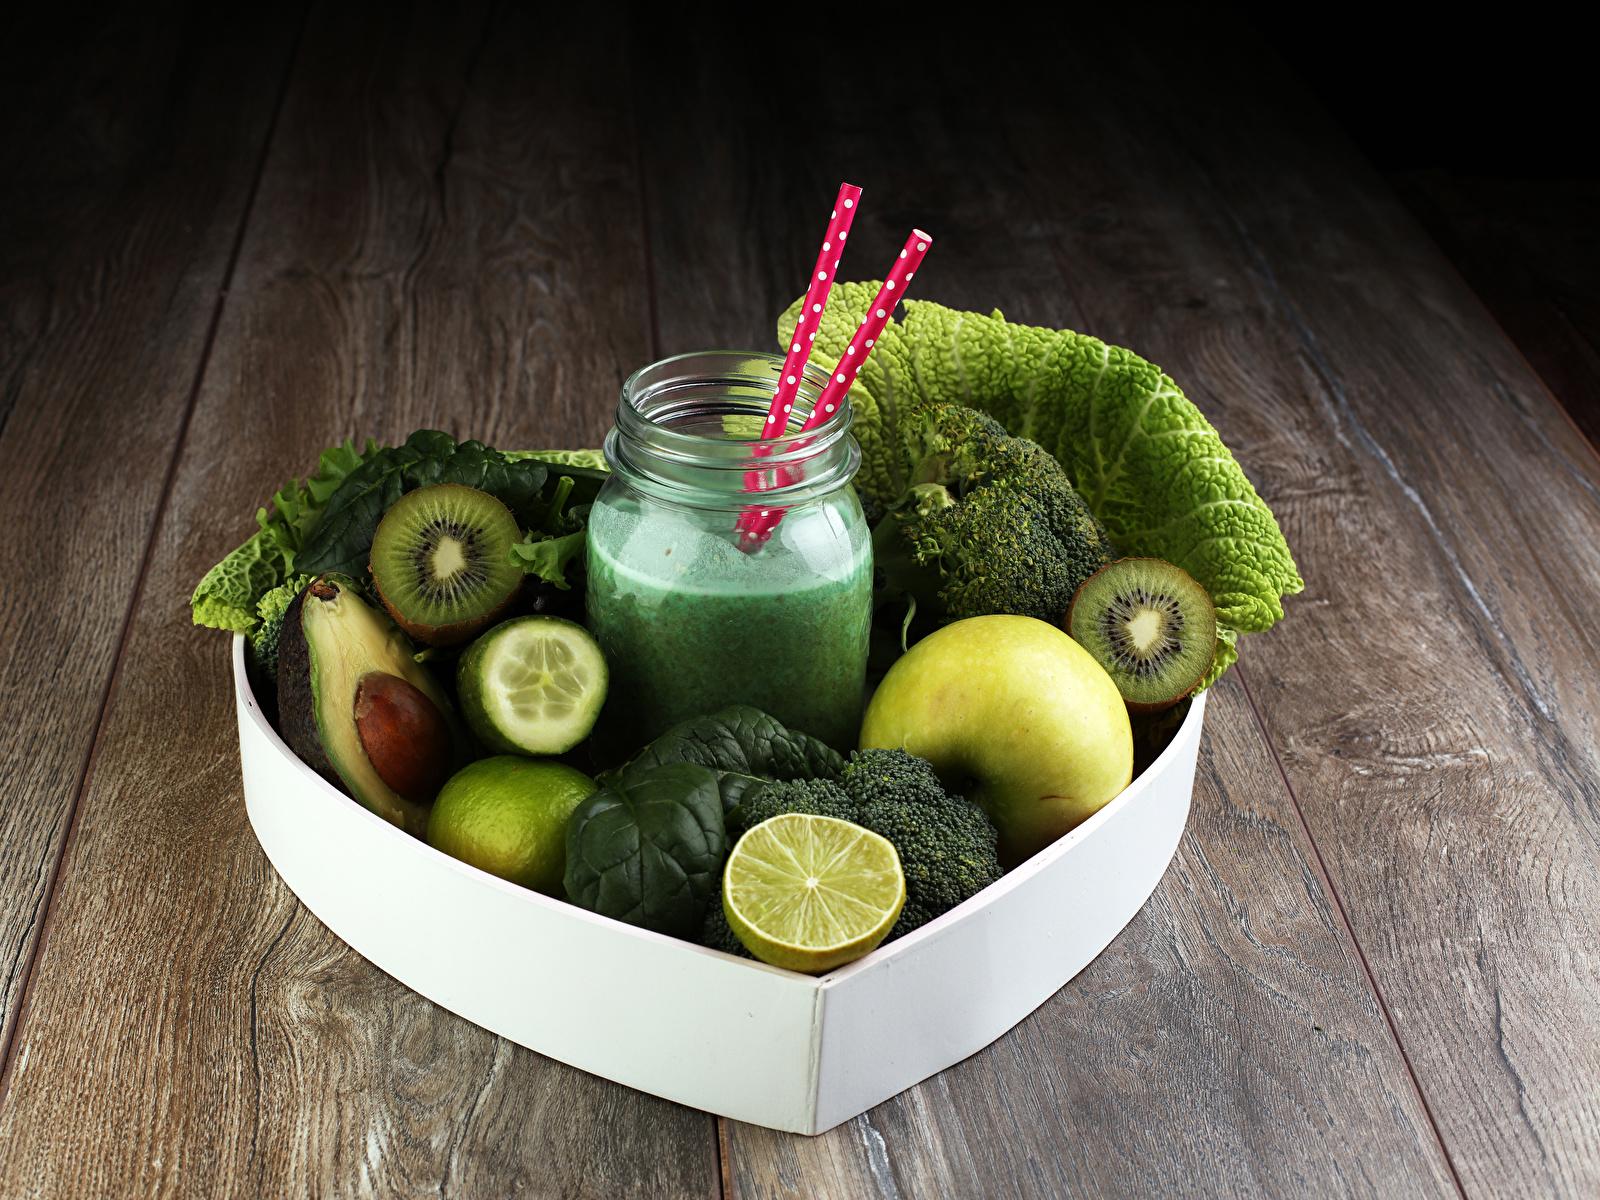 Фотография Овощи зеленых Банка Еда Смузи Фрукты Доски 1600x1200 Зеленый зеленые зеленая банки банке Пища Продукты питания